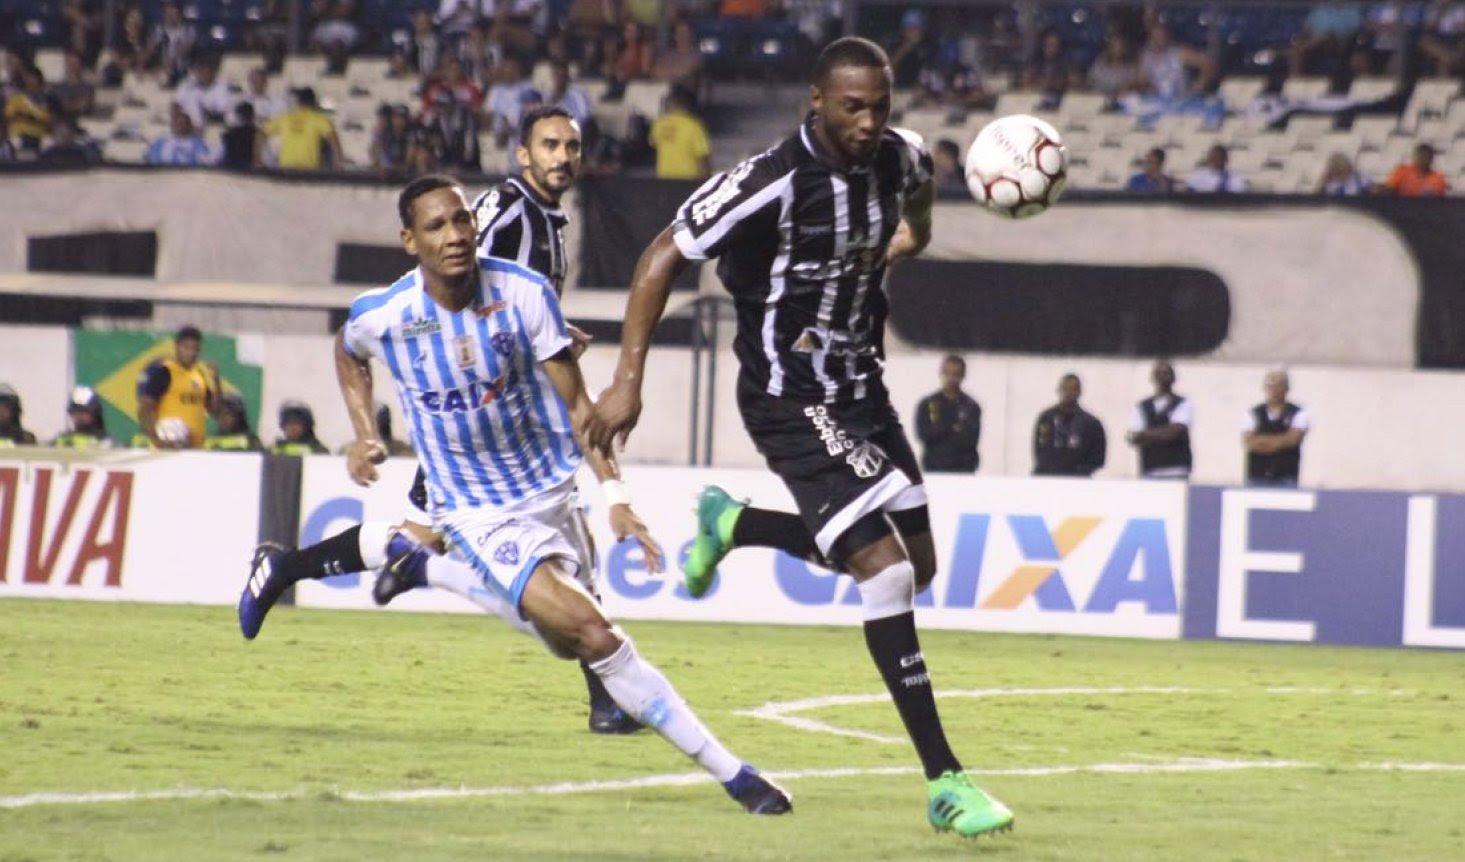 Lance de jogo entre Paysandu x Ceará em Belém